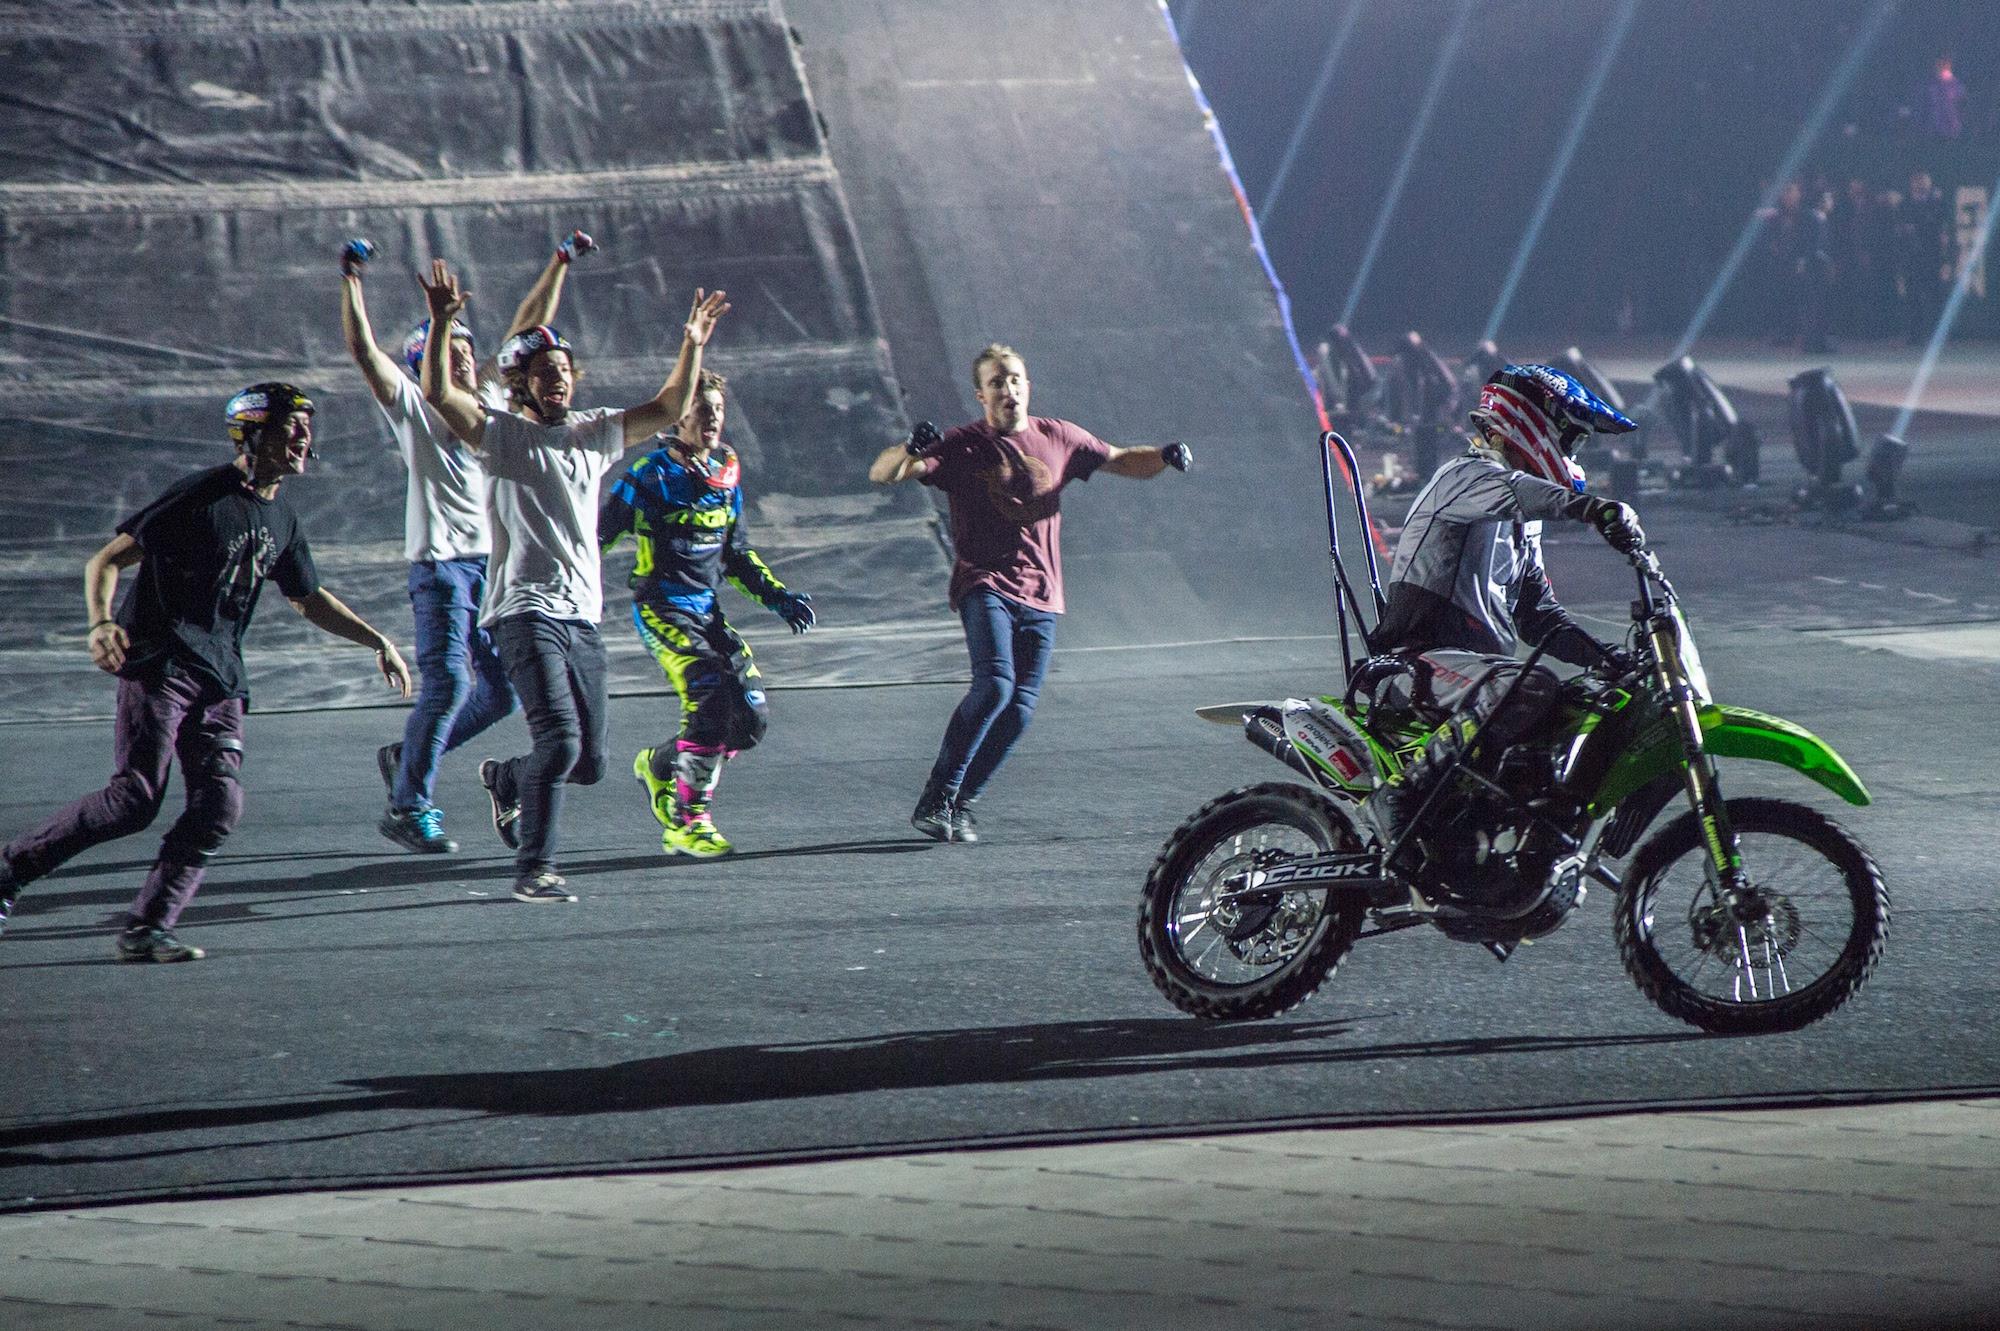 見事なトリックを決めたライダーに、ナイトロ・サーカスのメンバーが歓声をあげて駆け寄る。